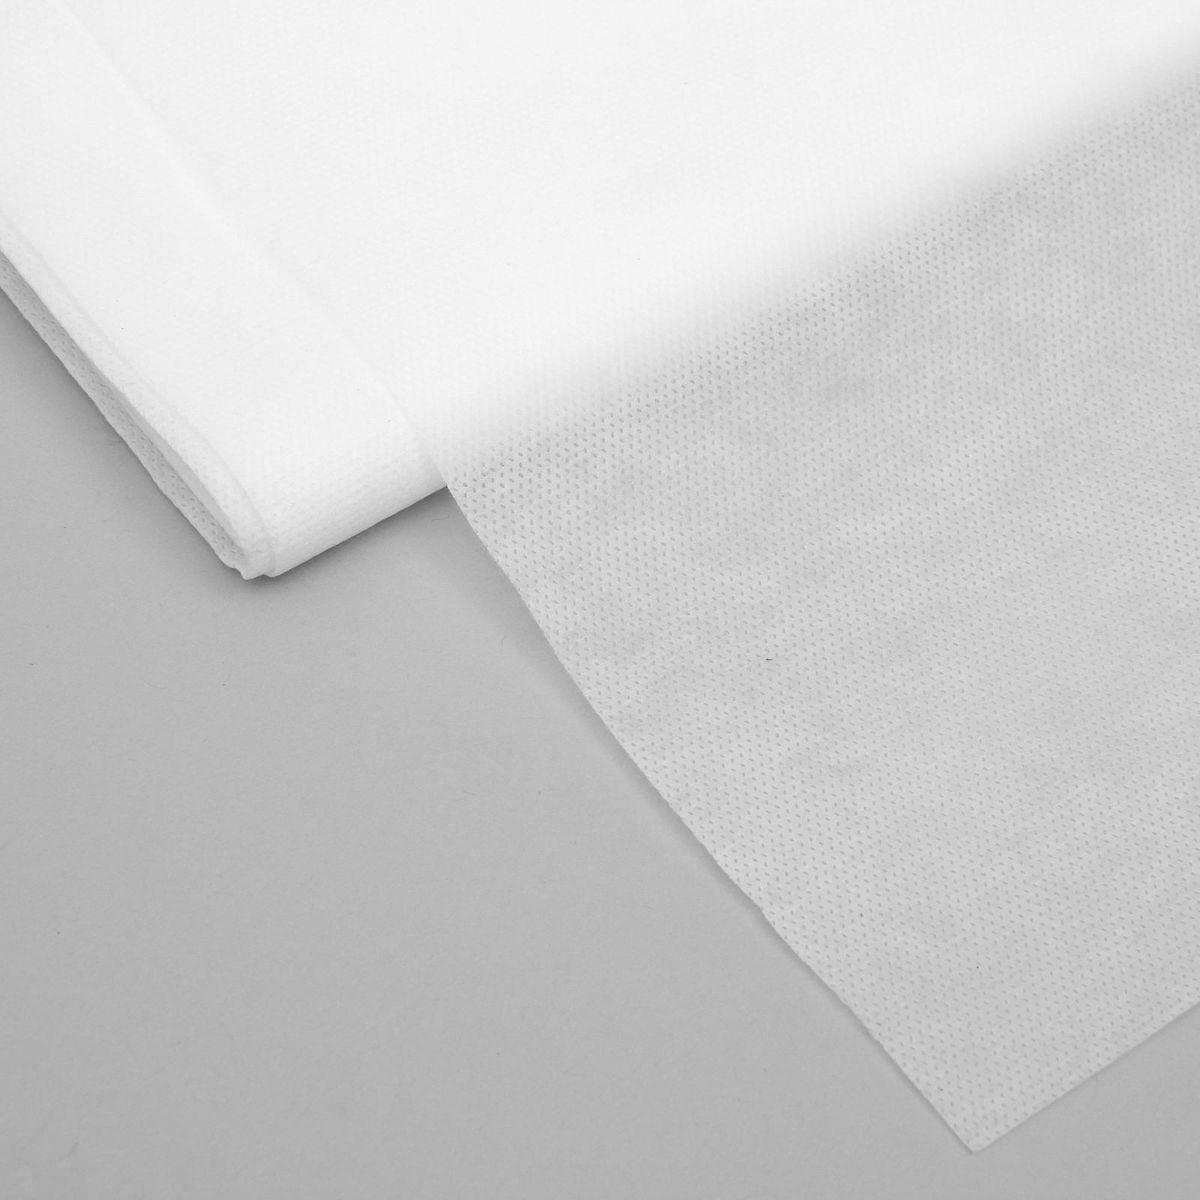 Материал укрывной, цвет: белый, 10 х 3,2 м. 23338782333878Материал укрывной предназначен для укрытия сельскохозяйственных культур на грядках с дугами или без. При этом побеги не повреждаются по мере развития: они приподнимают материал и растут свободно. Полотно не образует конденсата, пропускает до 90 % света и поддерживает оптимальный воздухо- и водообмен.Защищает от: -заморозков; -перегрева; -ультрафиолетовых лучей; -насекомых, вредителей; -сильного ветра; -осадков.Плотность: 42 г/м2.